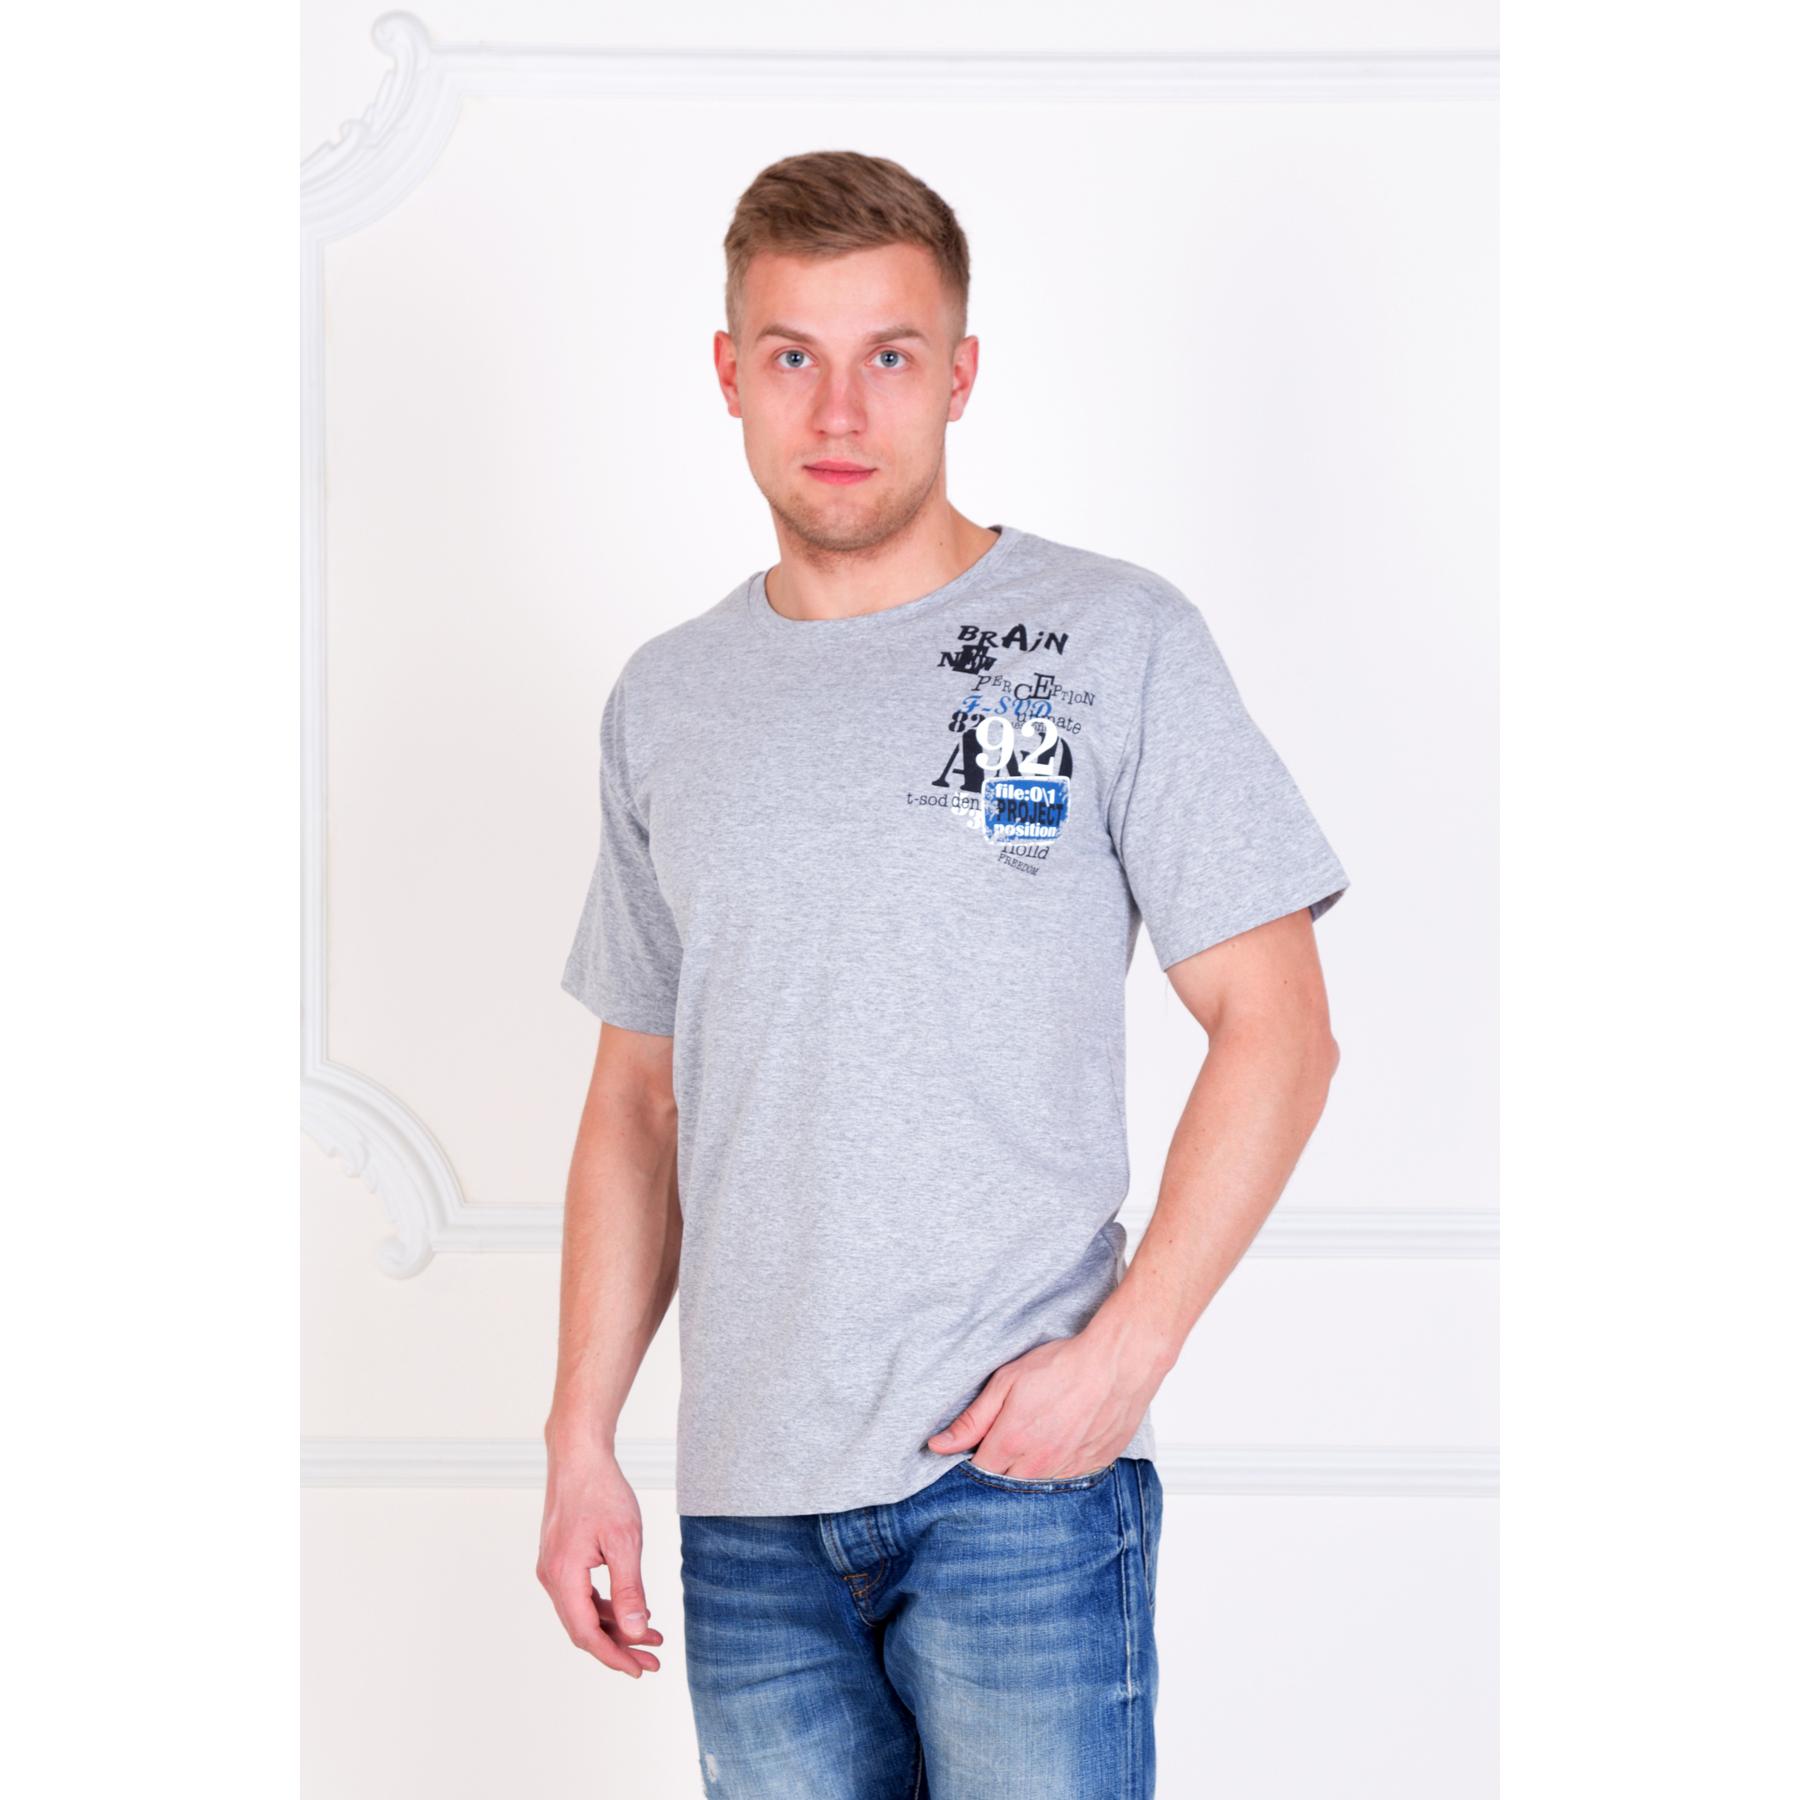 Мужская футболка Brain Серый, размер 50Футболки и майки<br>Обхват груди:100 см<br>Обхват талии:92 см<br>Обхват бедер:106 см<br>Рост:176-182 см<br><br>Тип: Муж. футболка<br>Размер: 50<br>Материал: Кулирка